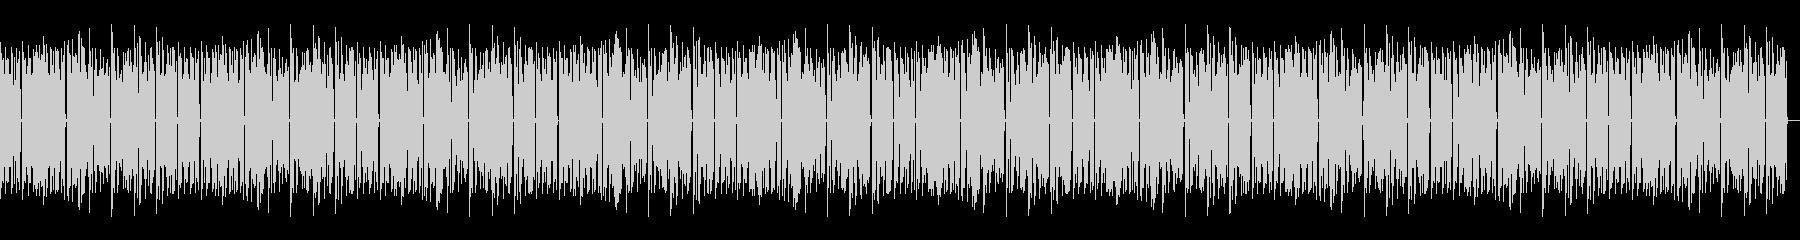 知育・料理・ほのぼの・日常ピアノ4Lの未再生の波形